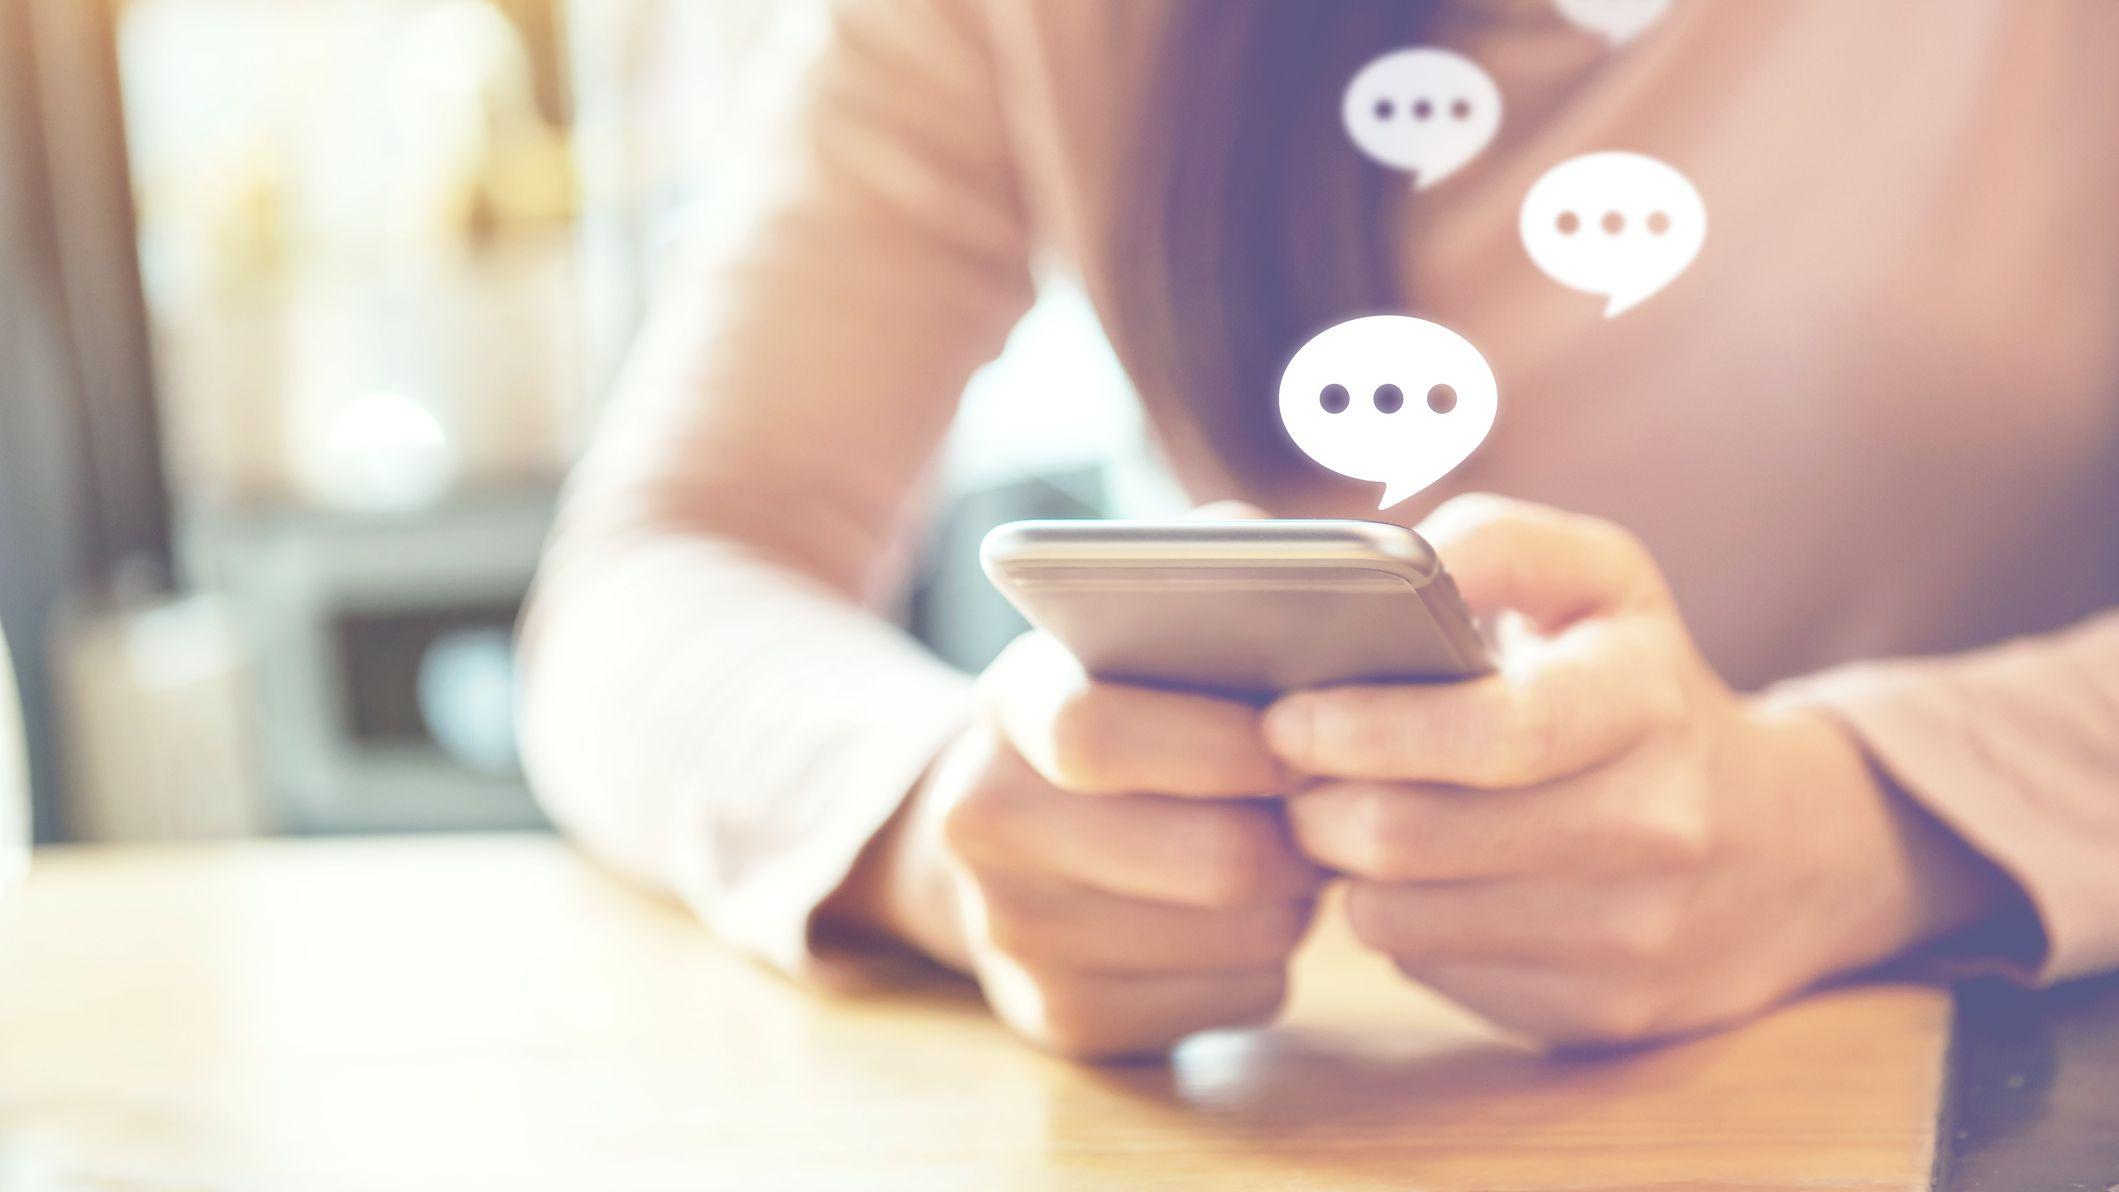 La voyance par SMS vous permet d'échanger par écrit instantanément avec votre voyant ou médium lors d'une consultation de voyance